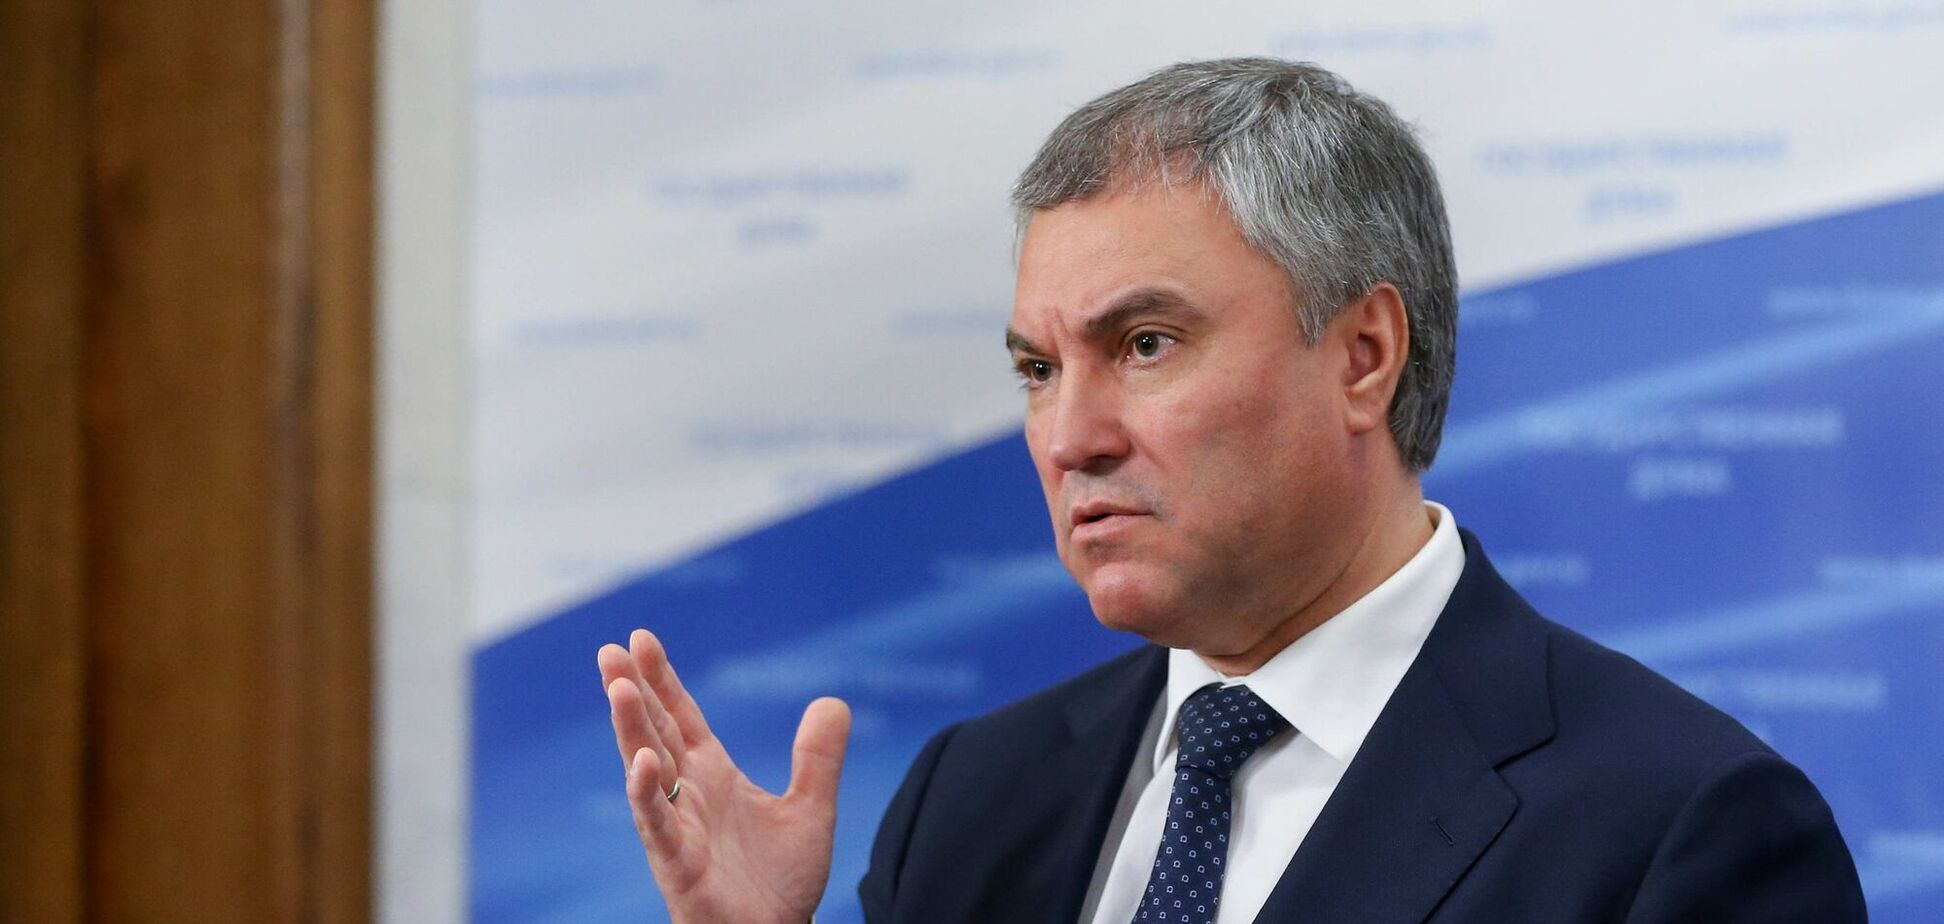 Спікер Держдуми РФ В'ячеслав Володін